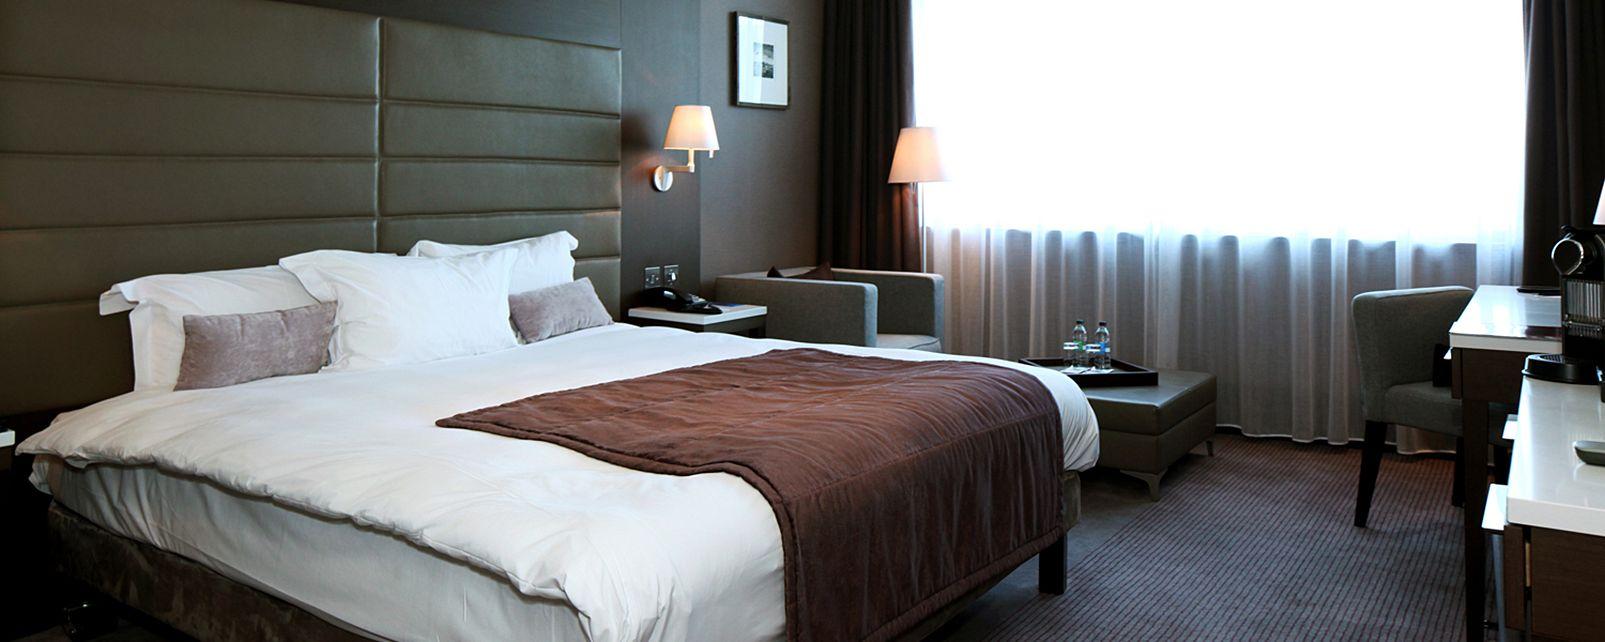 Hotel Radisson Blu Royal Hotel Dublin